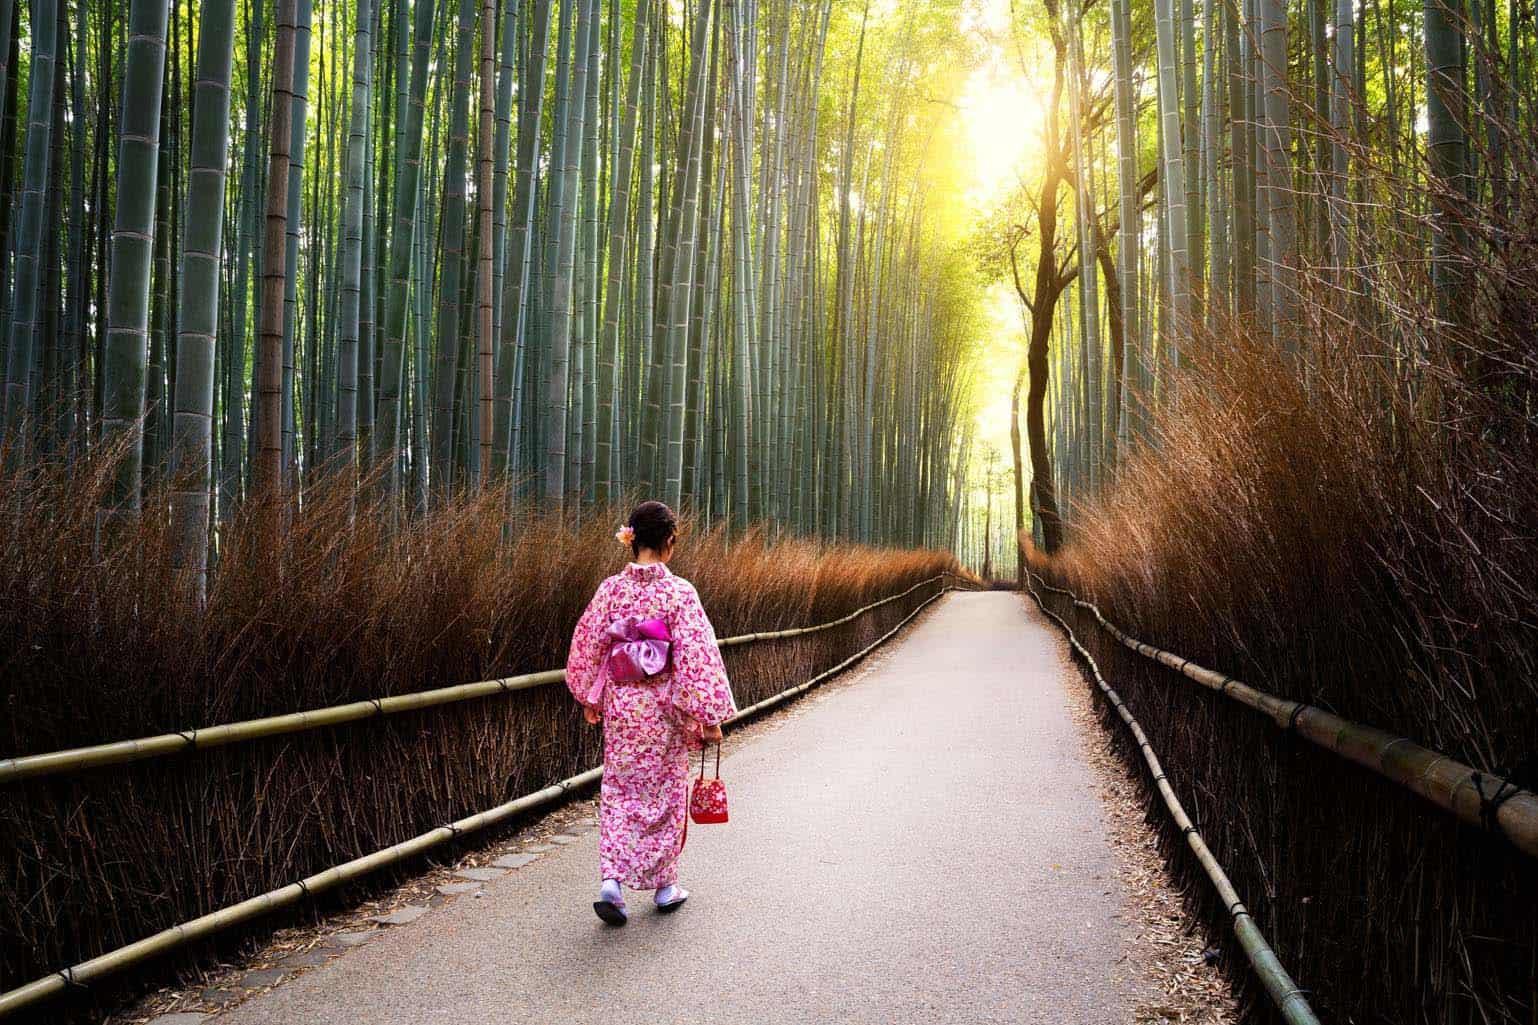 Kyoto Sagano Bamboo Grove